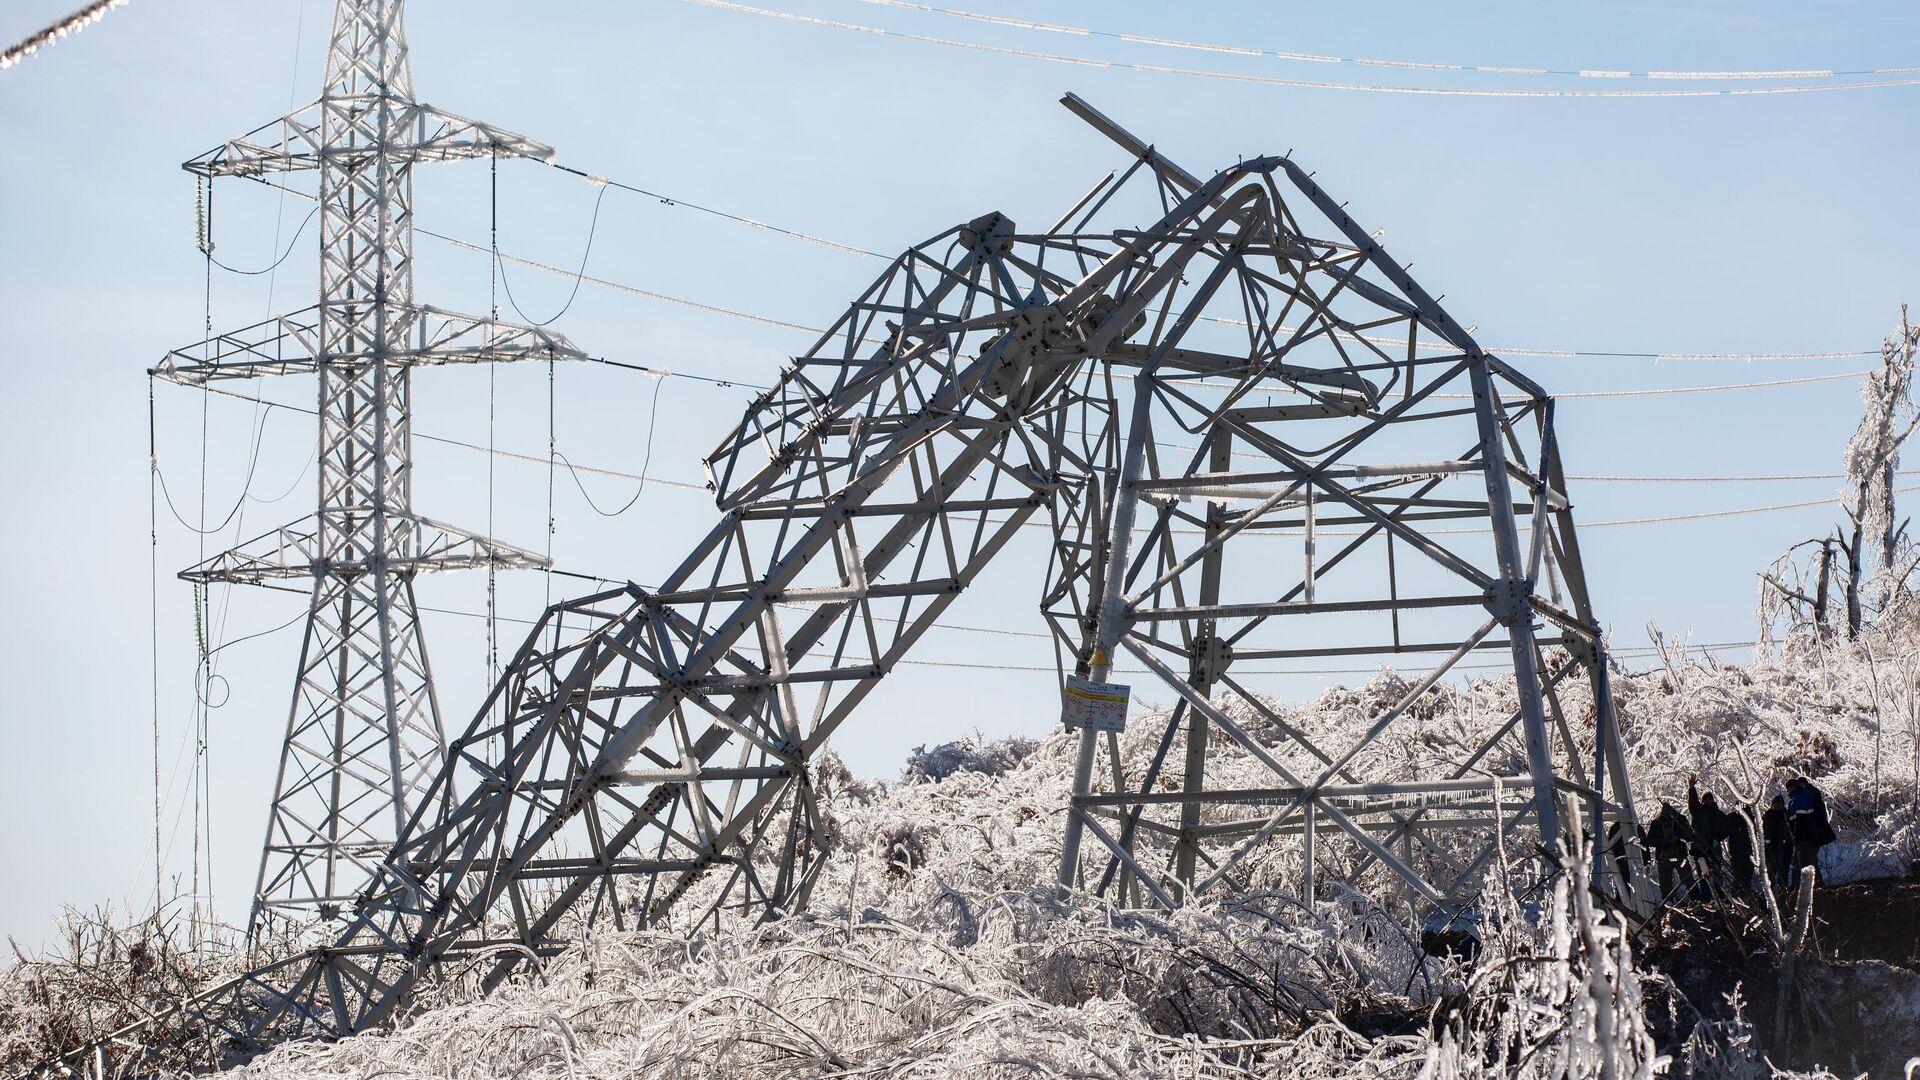 Демонтаж одной из повалившейся ЛЭП в городе Владивостоке - РИА Новости, 1920, 27.11.2020